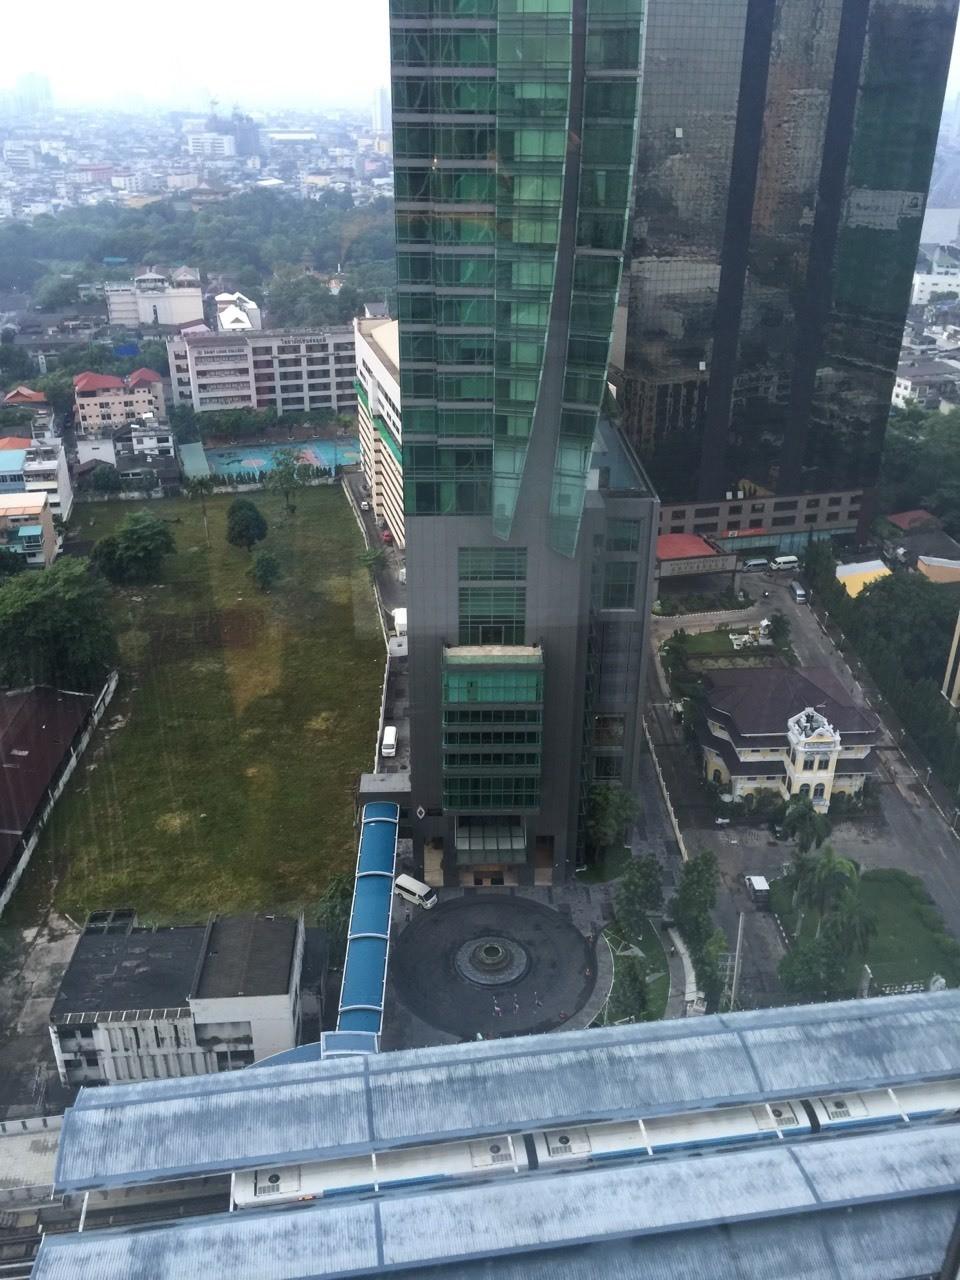 沙吞主打的大窗,一早起來就趕快拉開浴室的窗簾,享受曼谷的景色。大樓後面的操場很有趣,好想看看曼谷的學校呵。